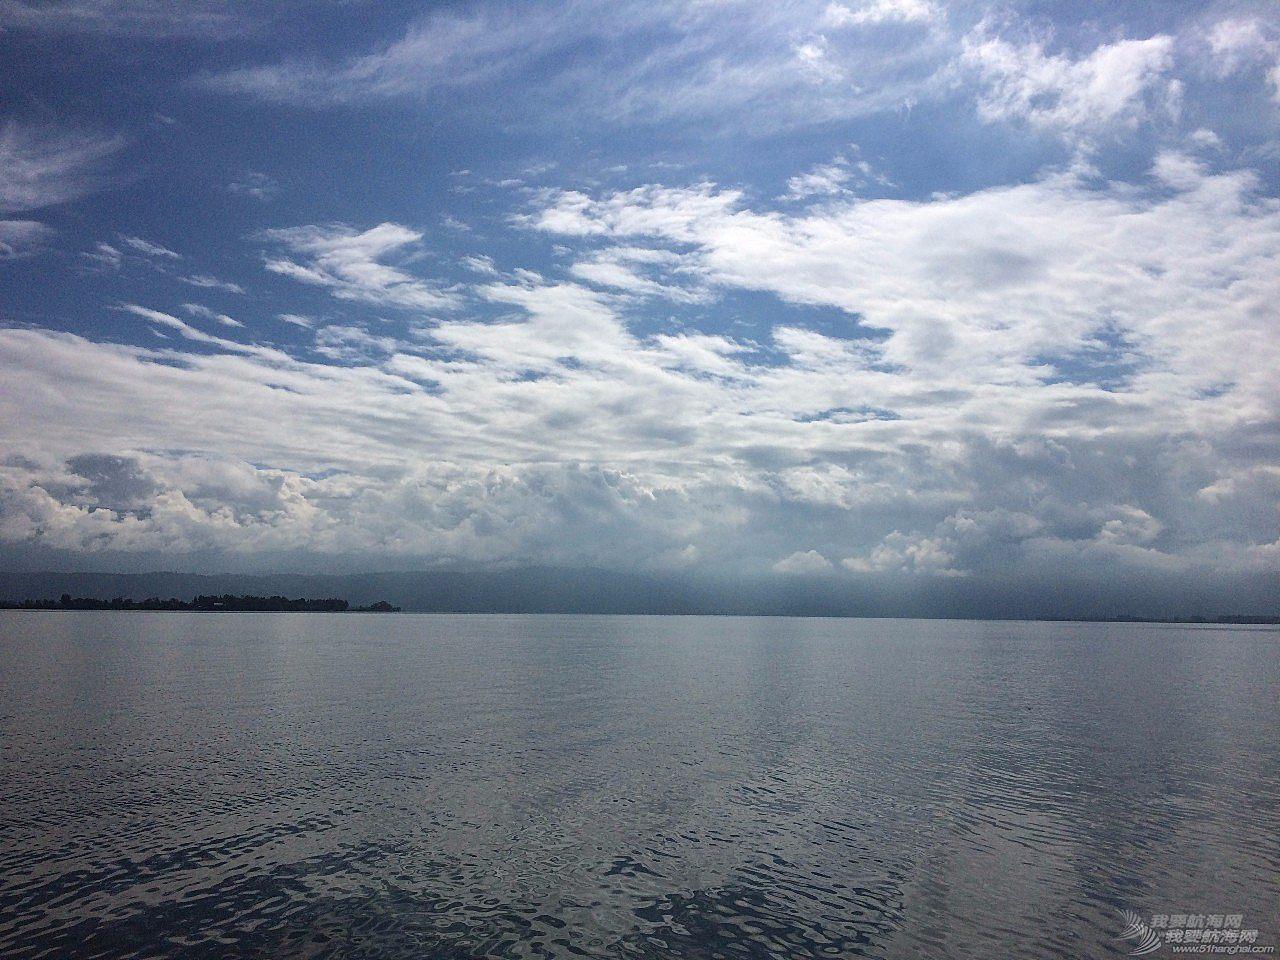 四川西昌,四川省,凉山州,体育局,中国 西昌邛海11月将首次举办国际帆船赛